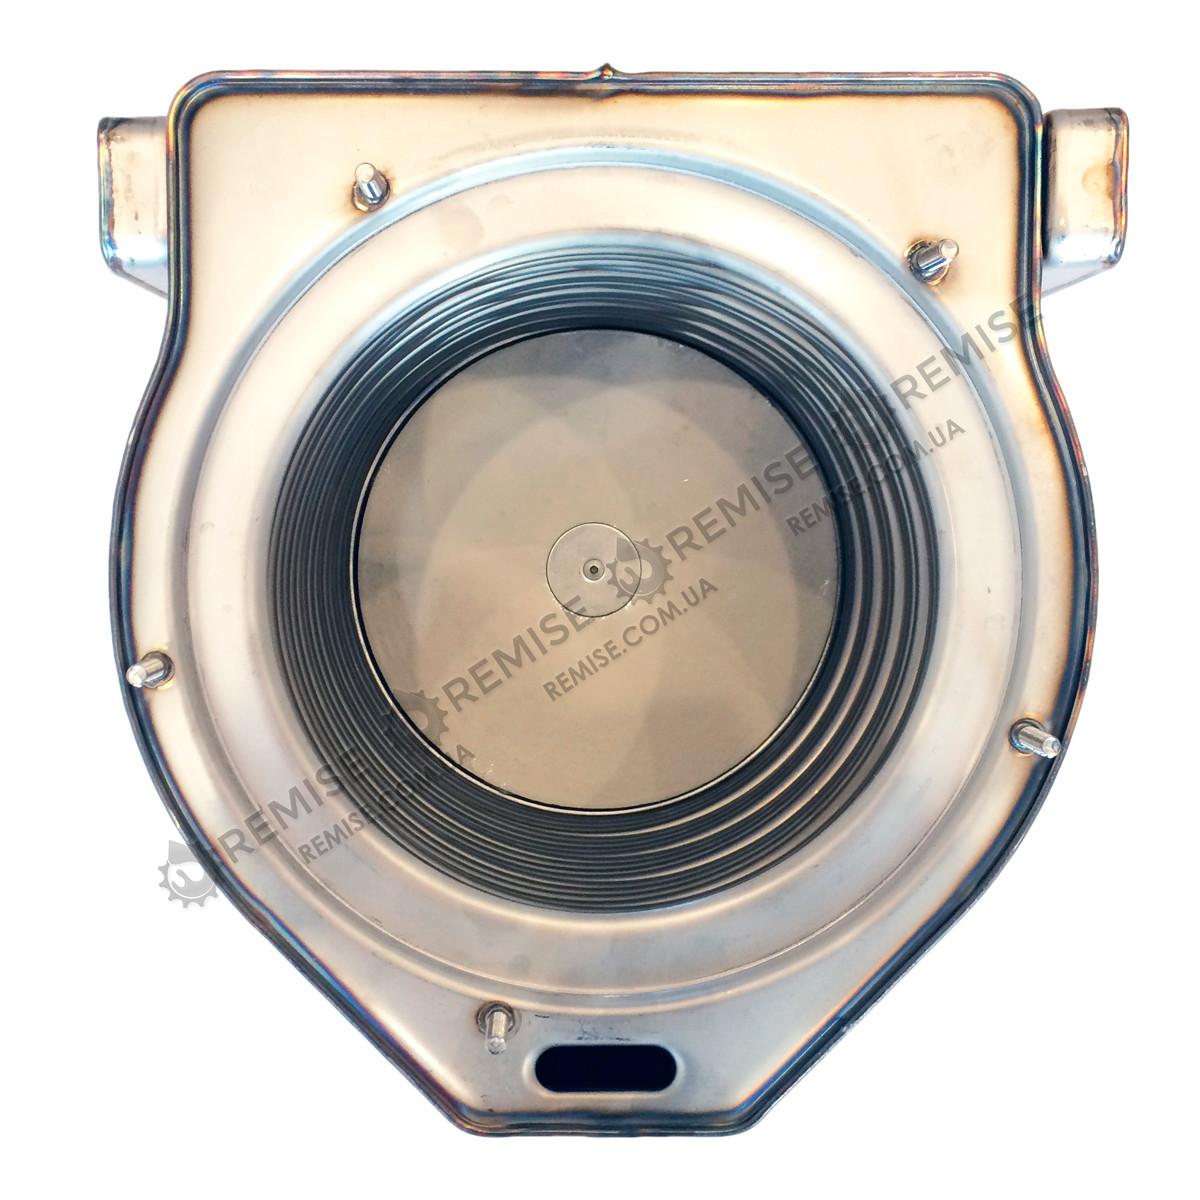 Ecotec plus vu теплообменник Паяный теплообменник Машимпэкс (GEA) GBS 220 Миасс